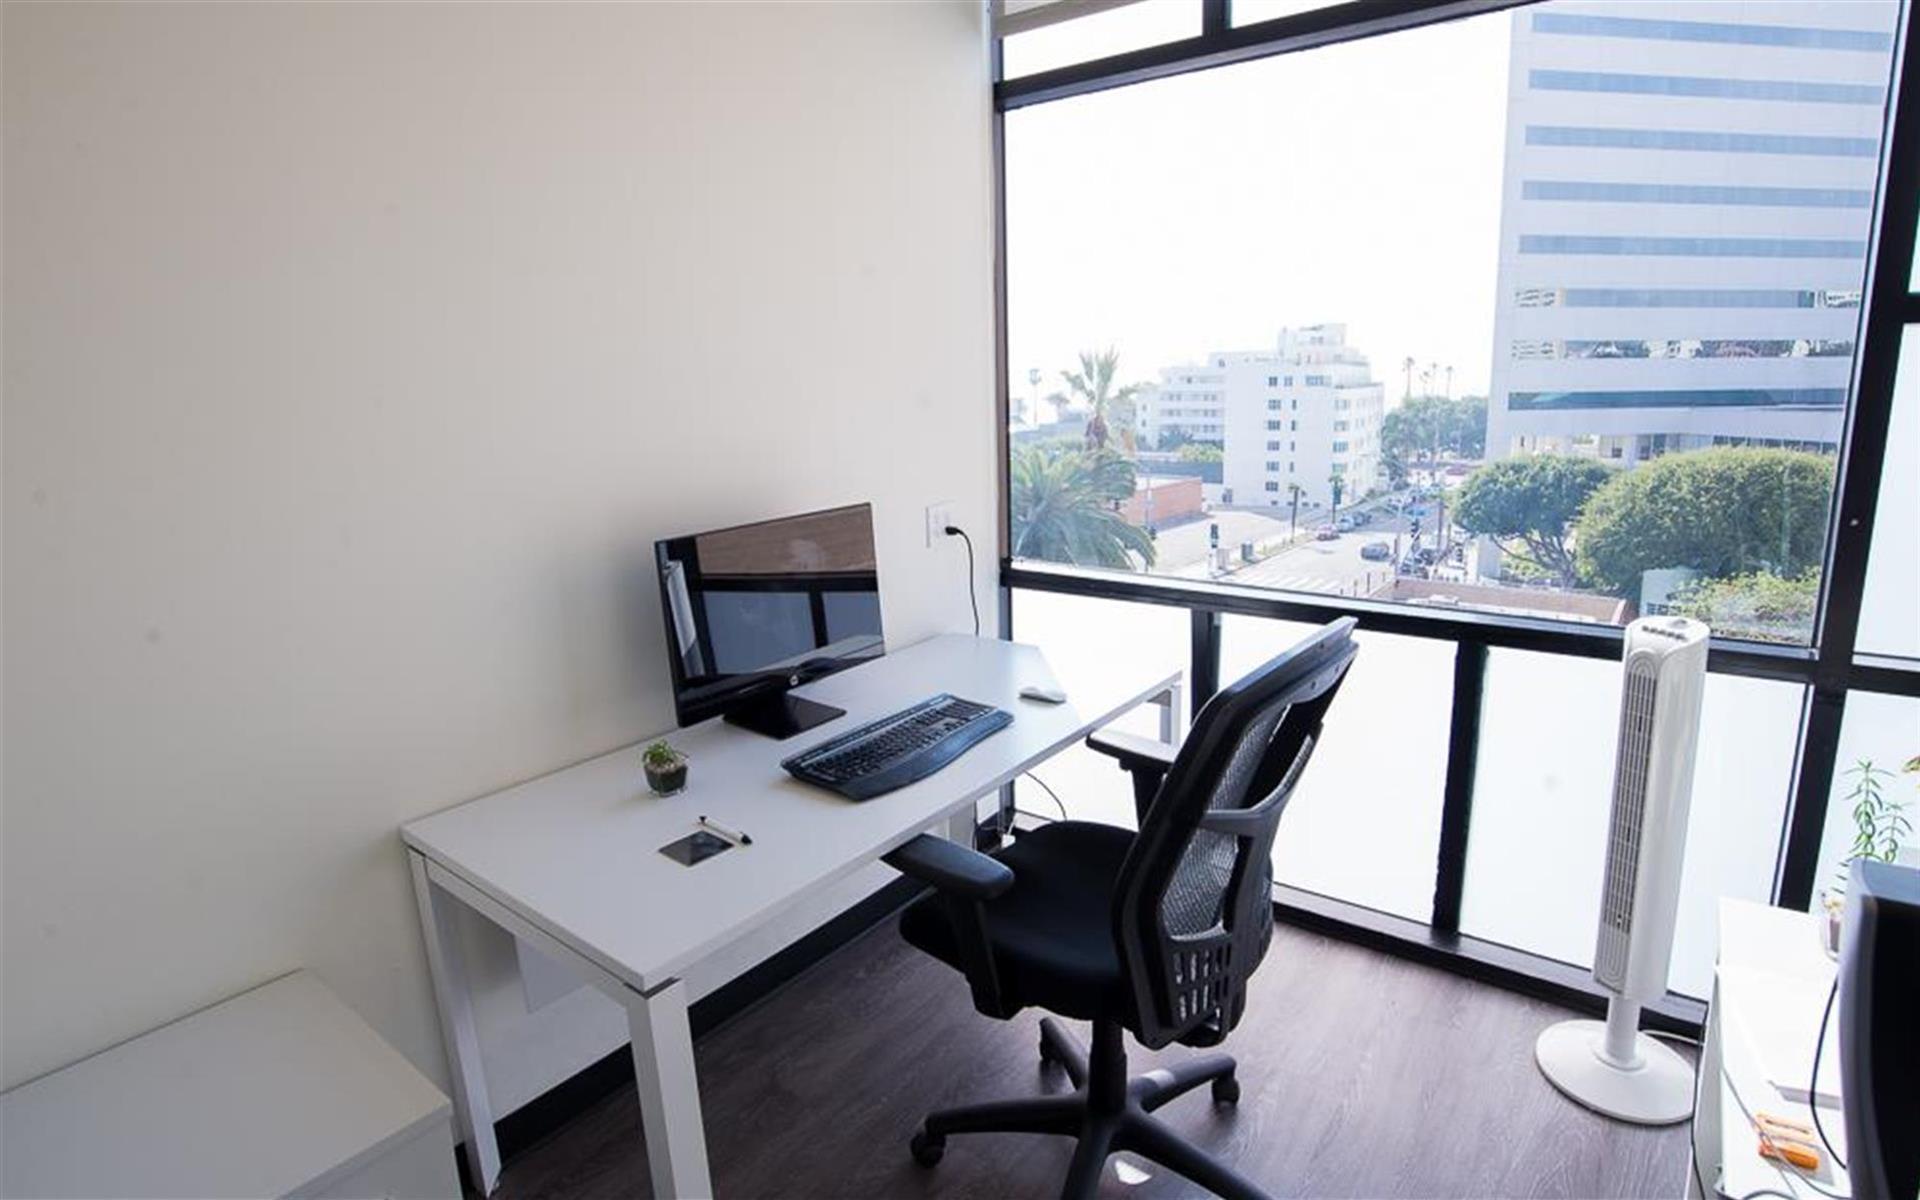 Brainium Studios LLC - Office 6